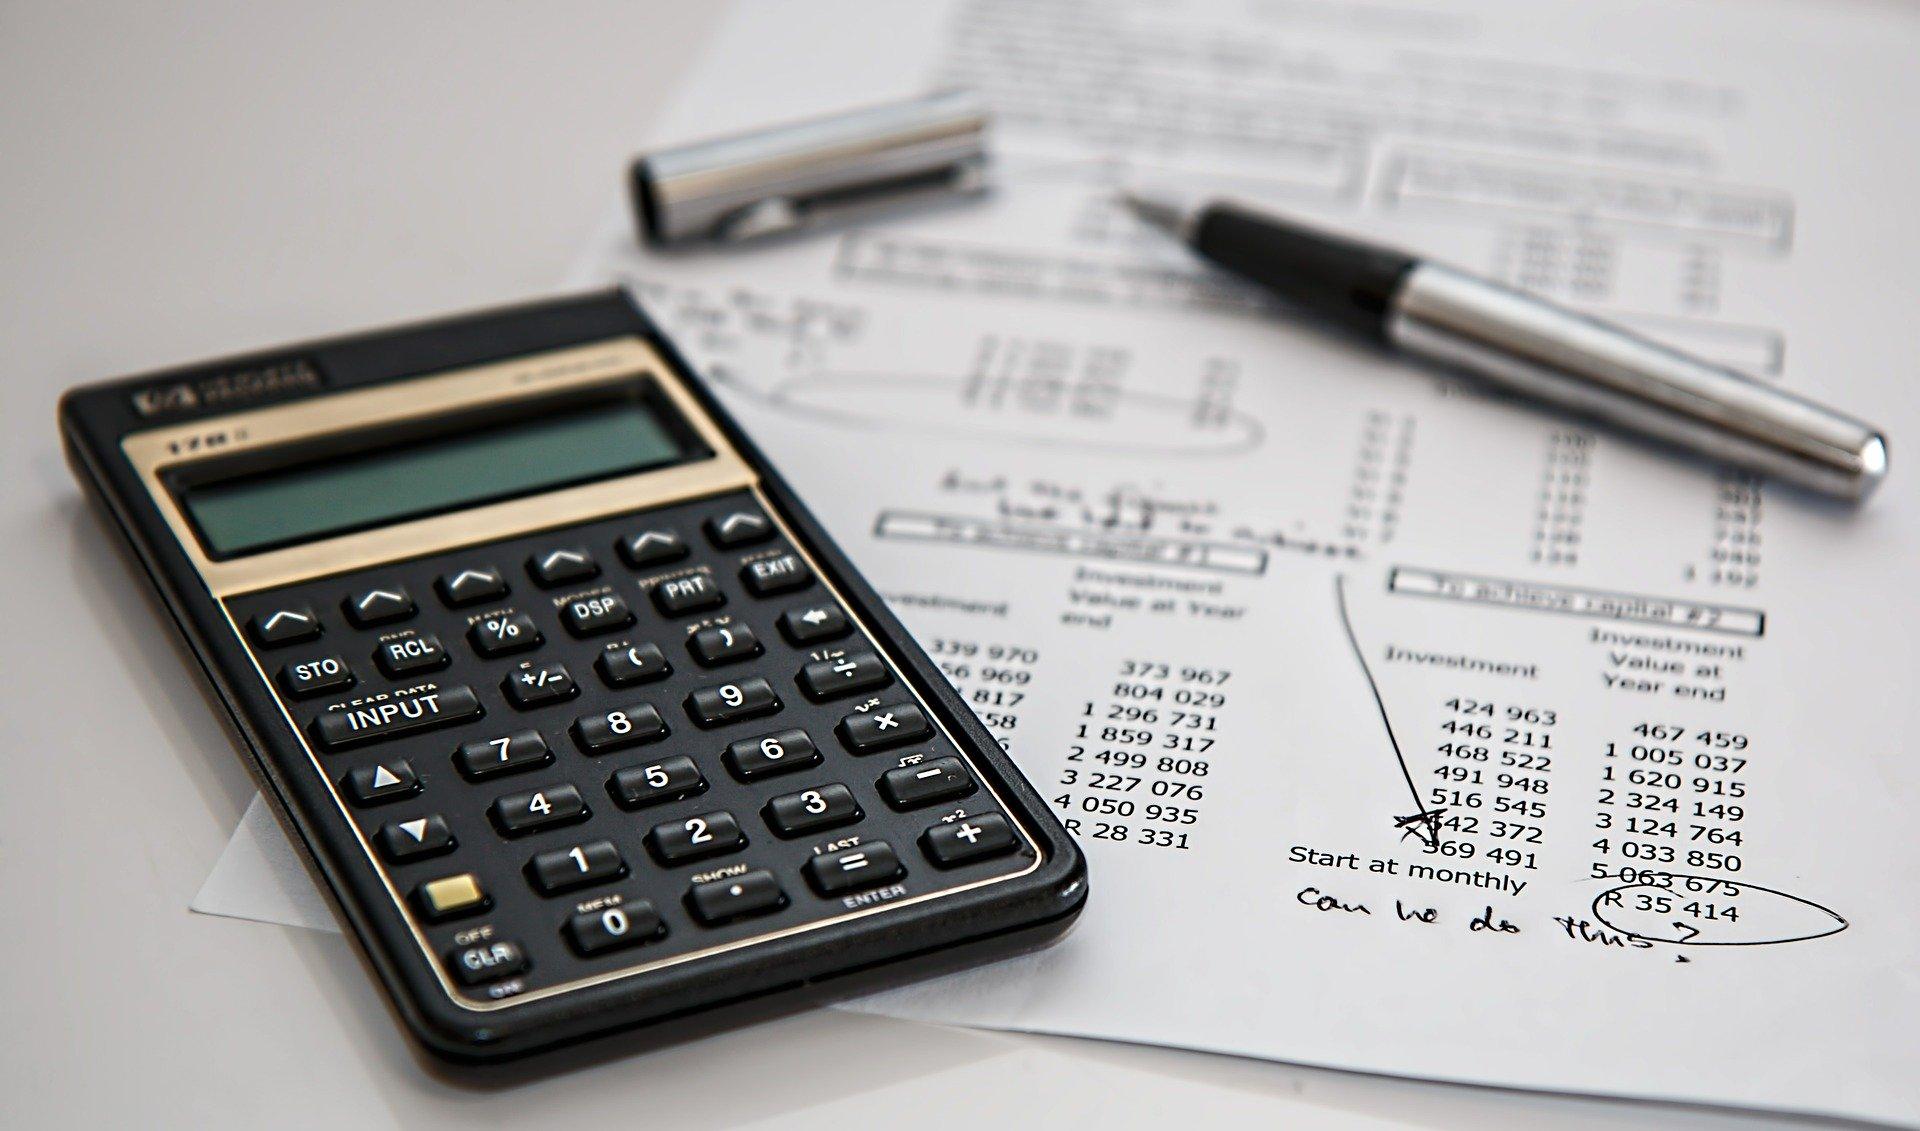 Де знайти гроші на розвиток стартапу: сім джерел фінансування - startups, news, investytsiyi, business